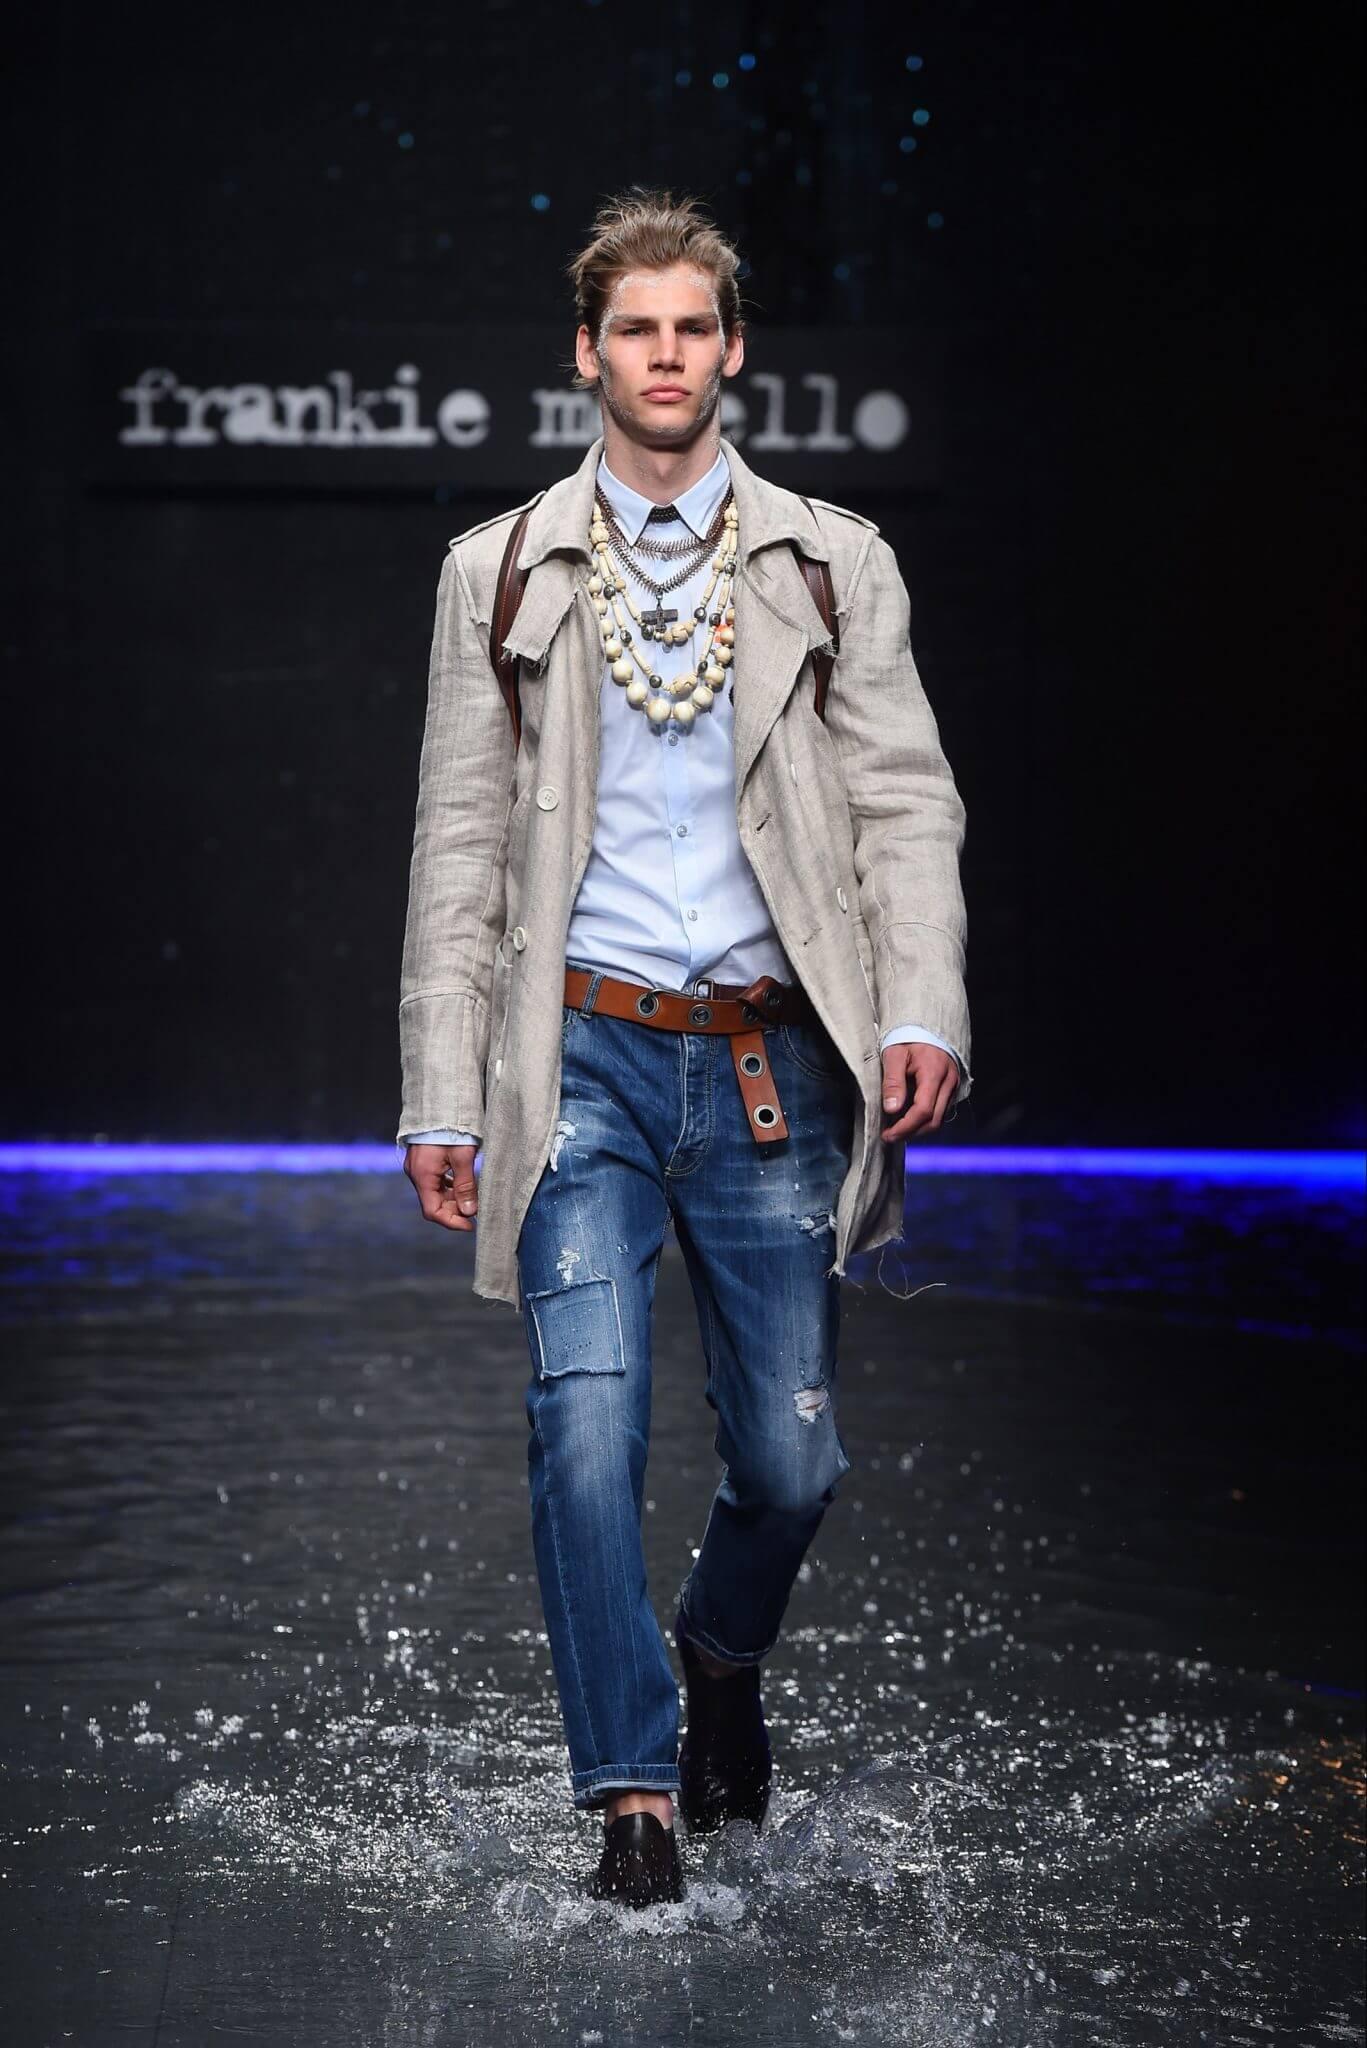 Frankie Morello